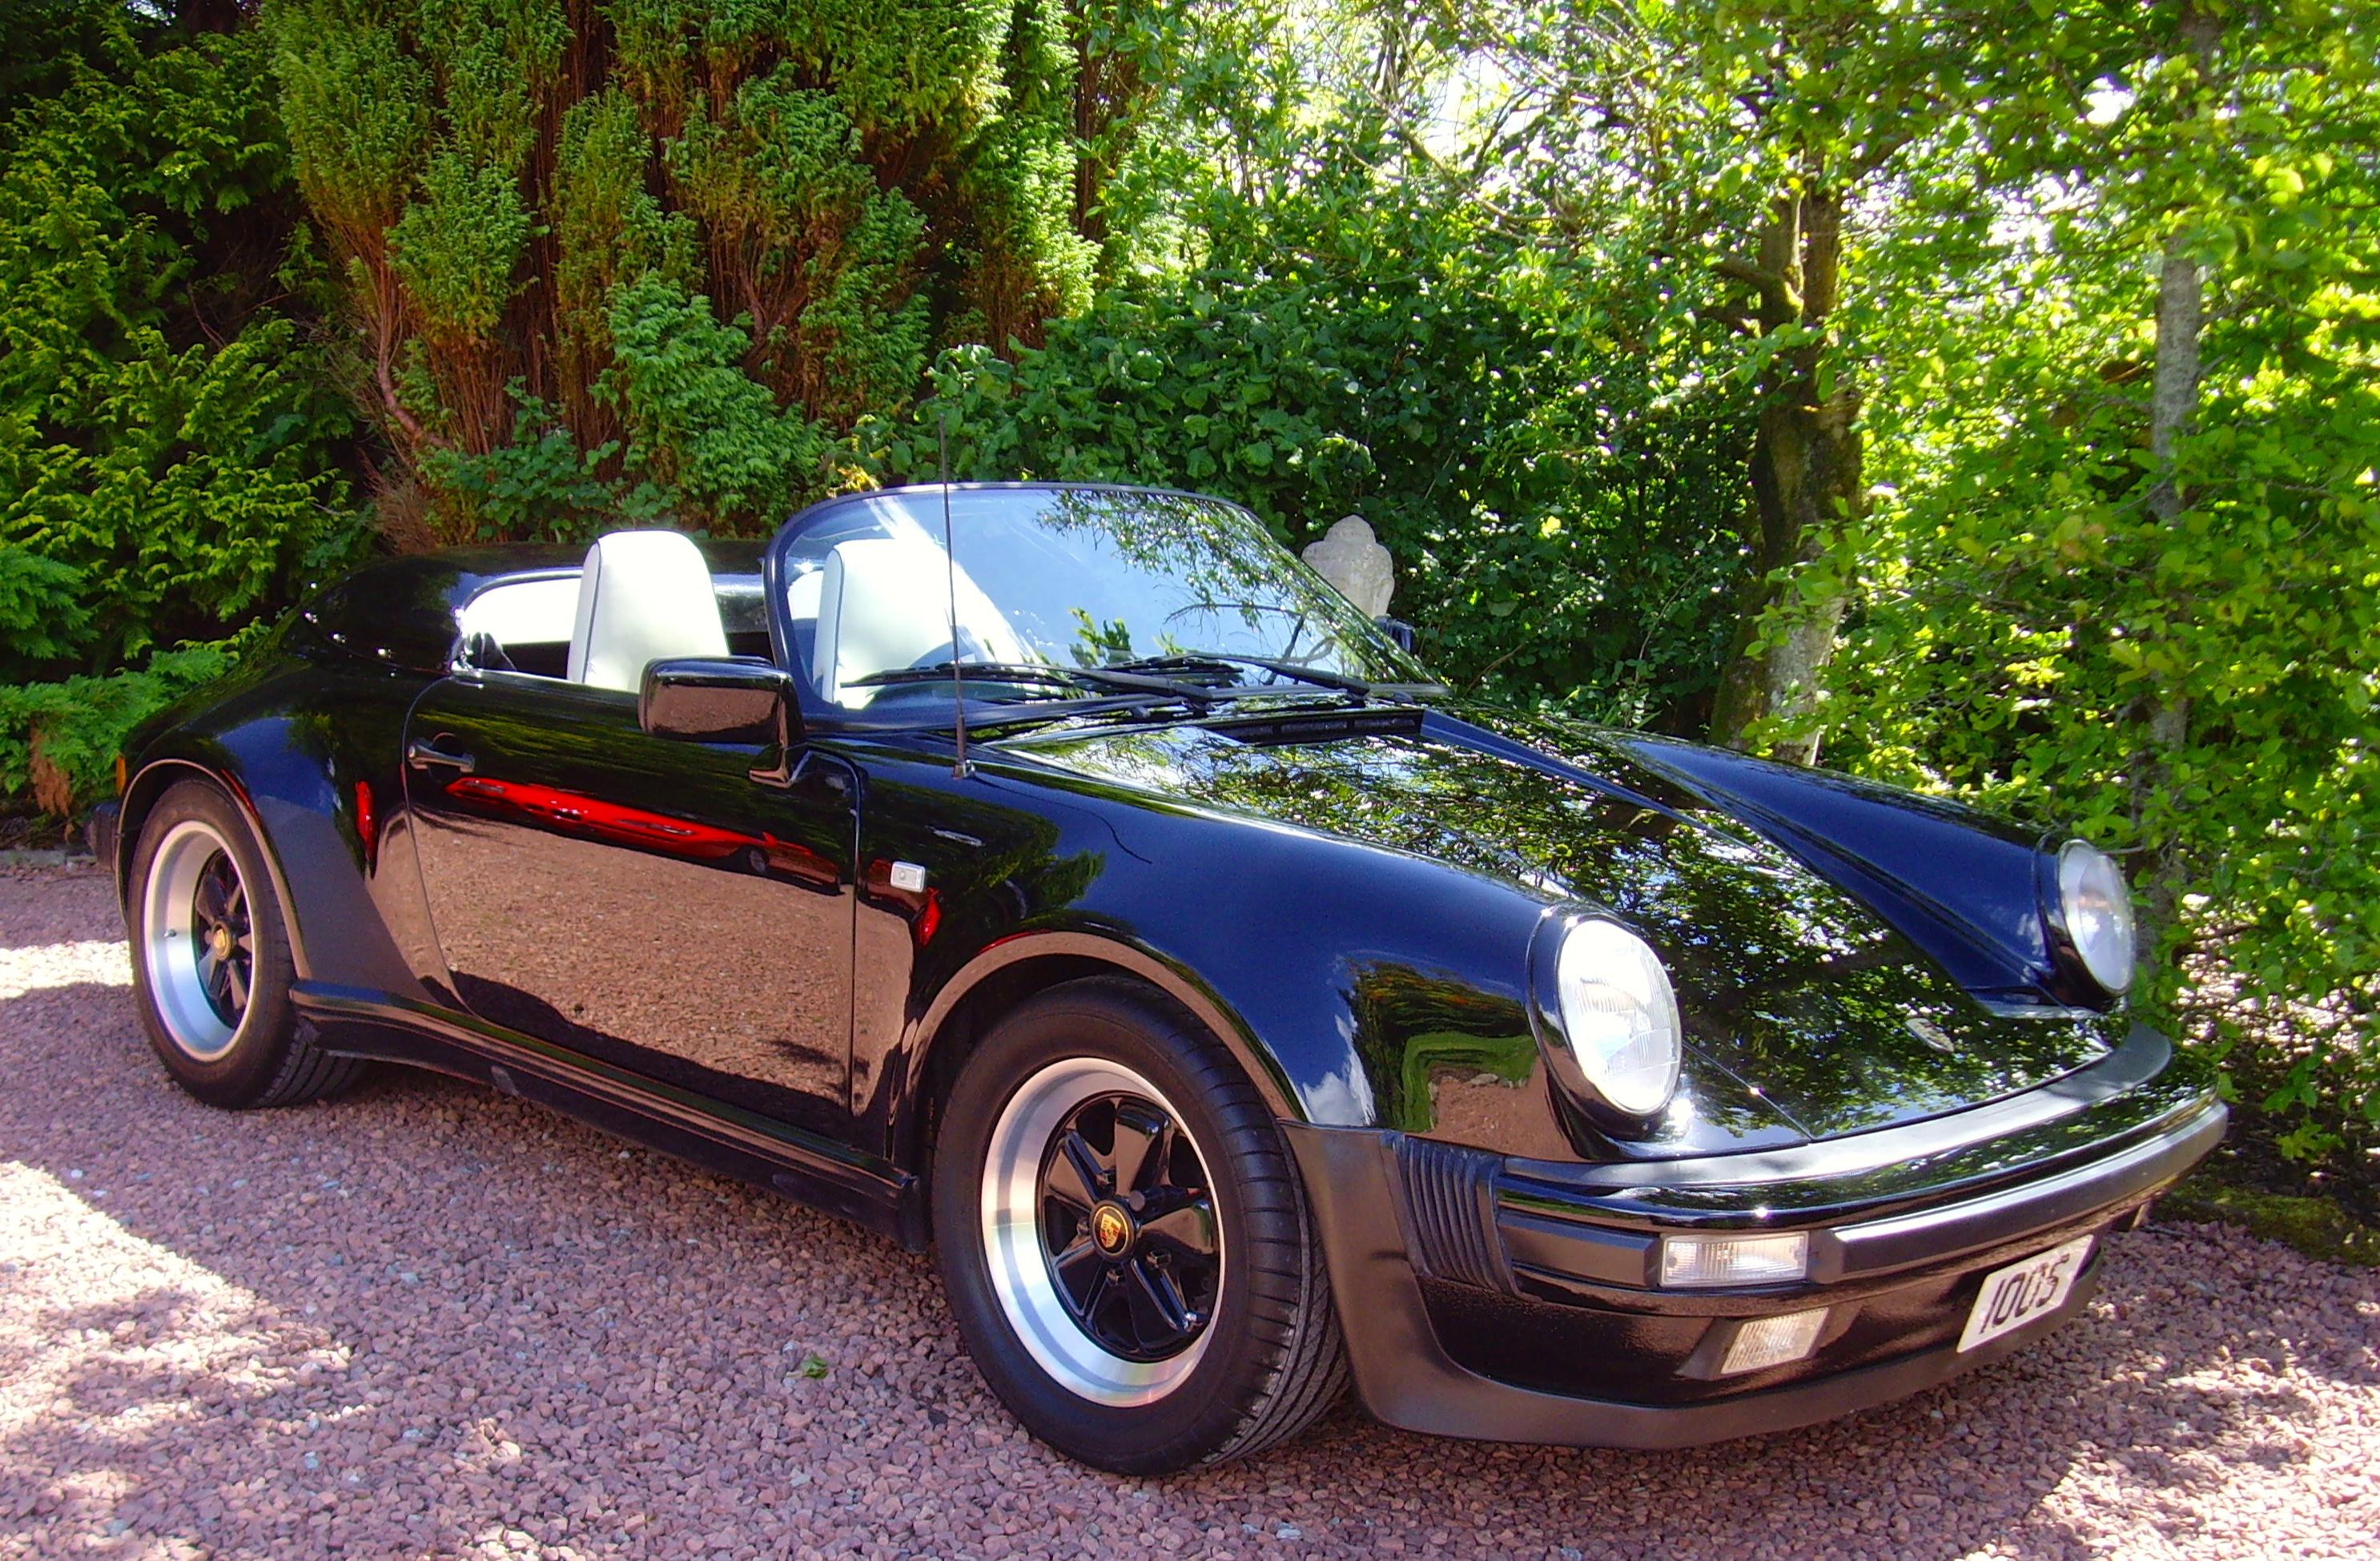 Porsche 911 Speedster Rhd Border Reivers